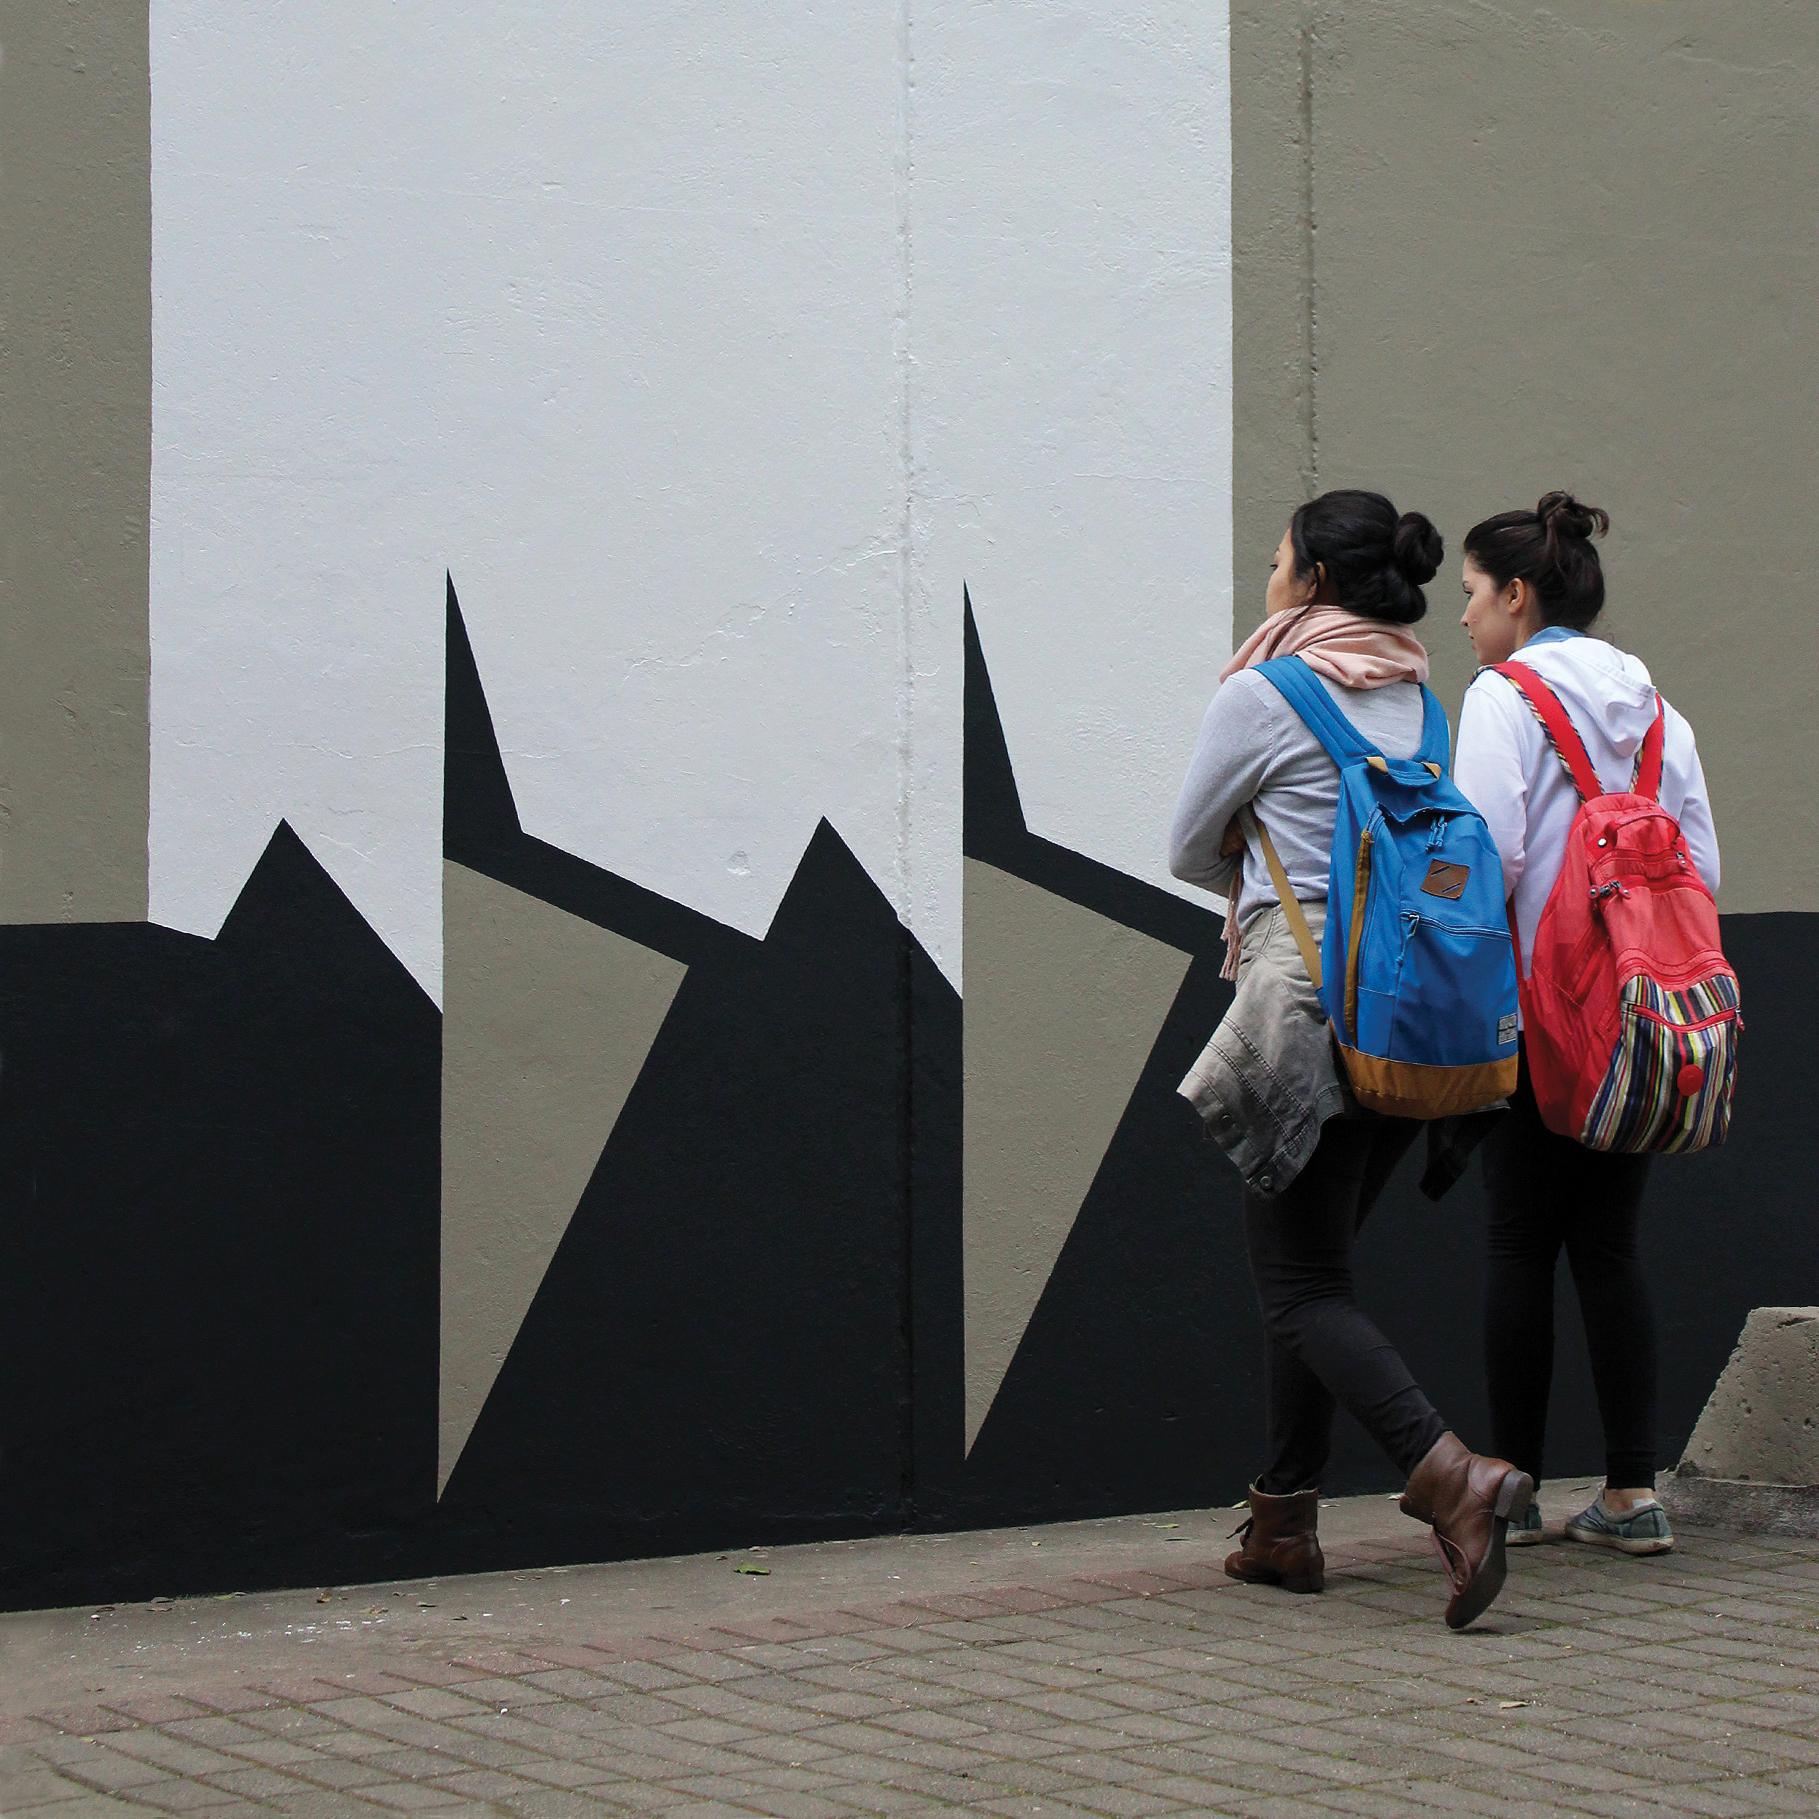 MESMO, Amigão (2016)